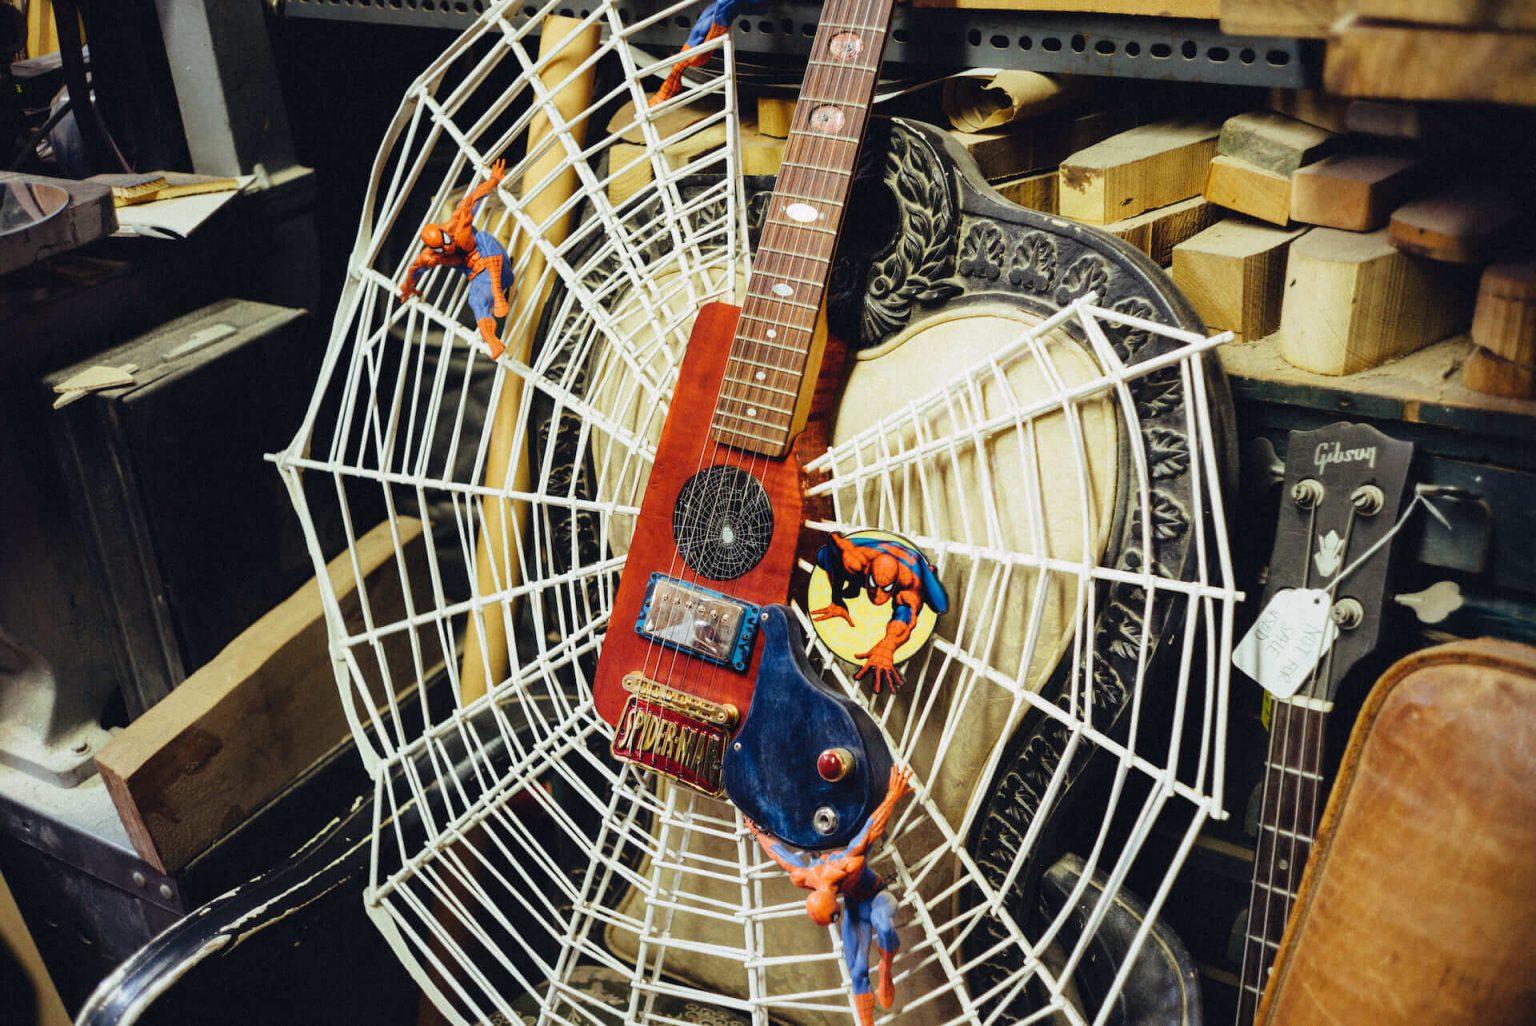 6_4420_AT_CarmineStreetGuitars-1440x962 歴史が染みついた建築物でギターを作る「Carmine Street Guitars」ギター職人の工房と、シティの限られた行き先